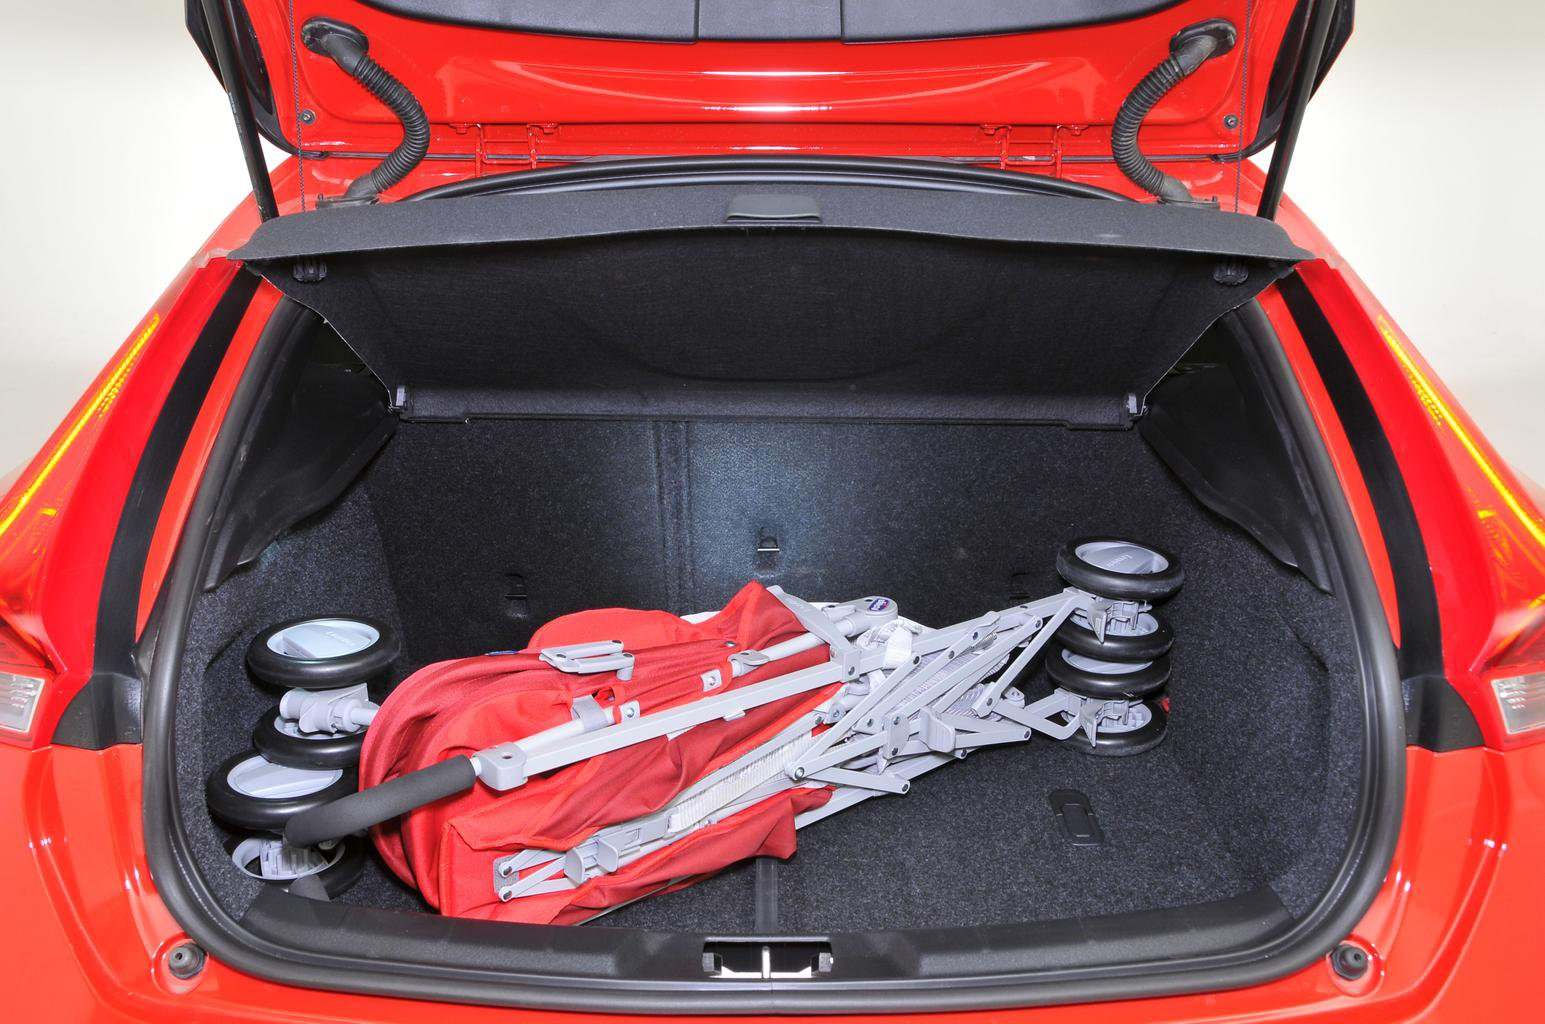 Used Volvo V40 Hatchback 12- Present